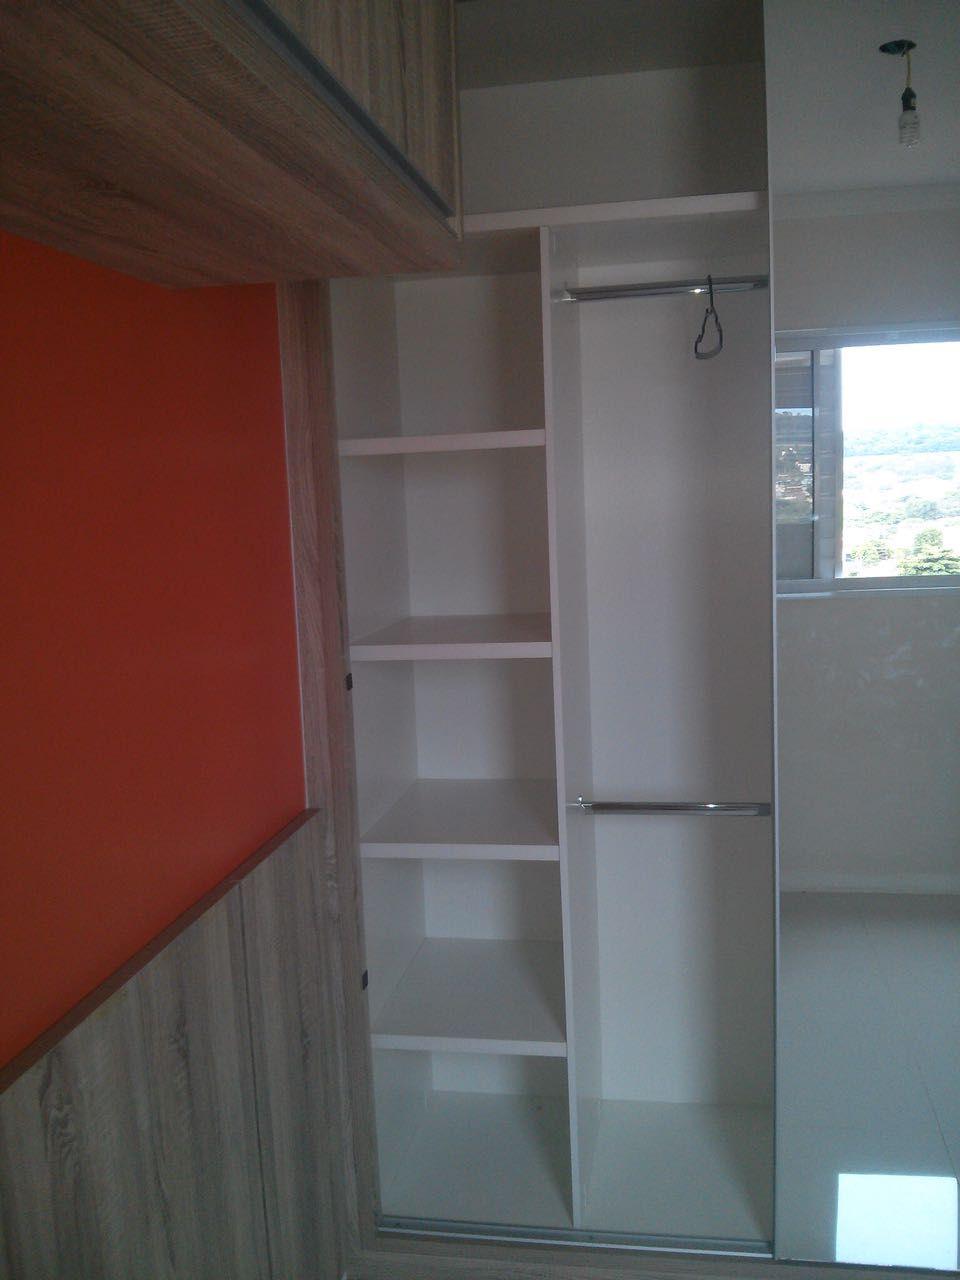 423 - Apto Campos Elíseos 46 m²